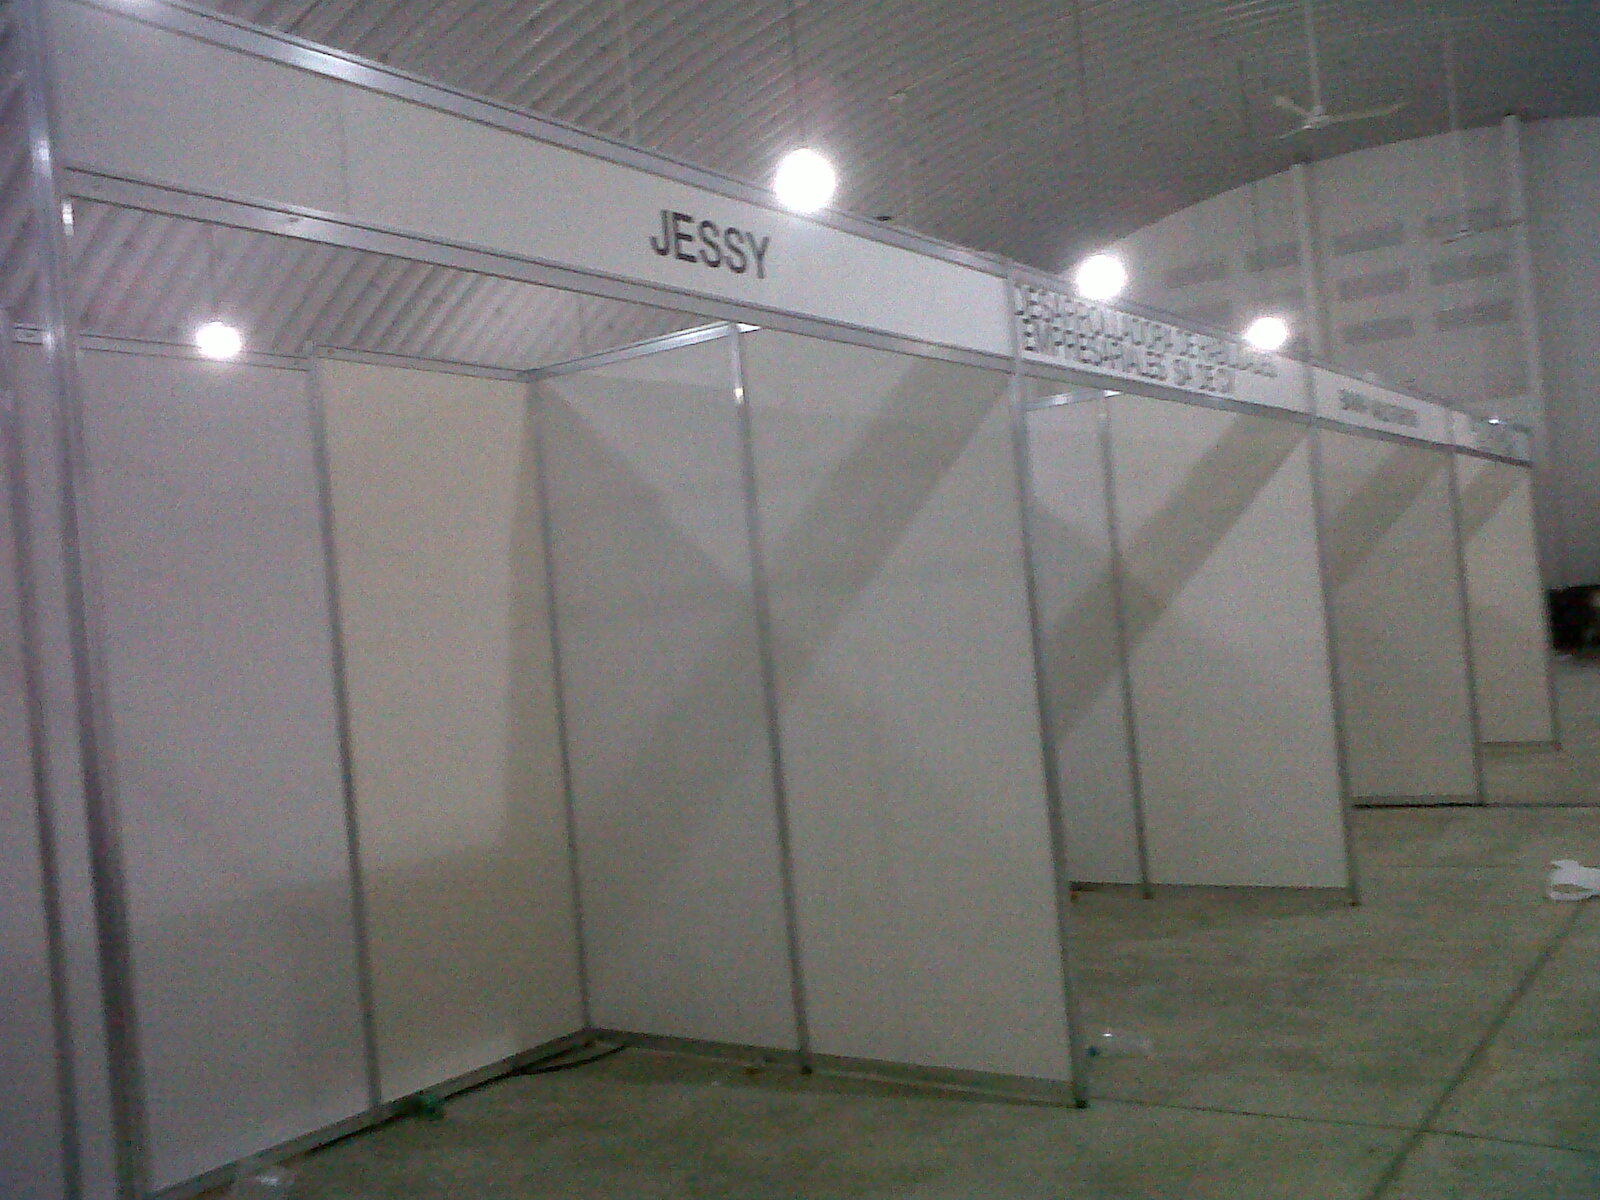 Expo Stands Montajes 2003 : Montaje de stands para expo solo estilistas en cancún